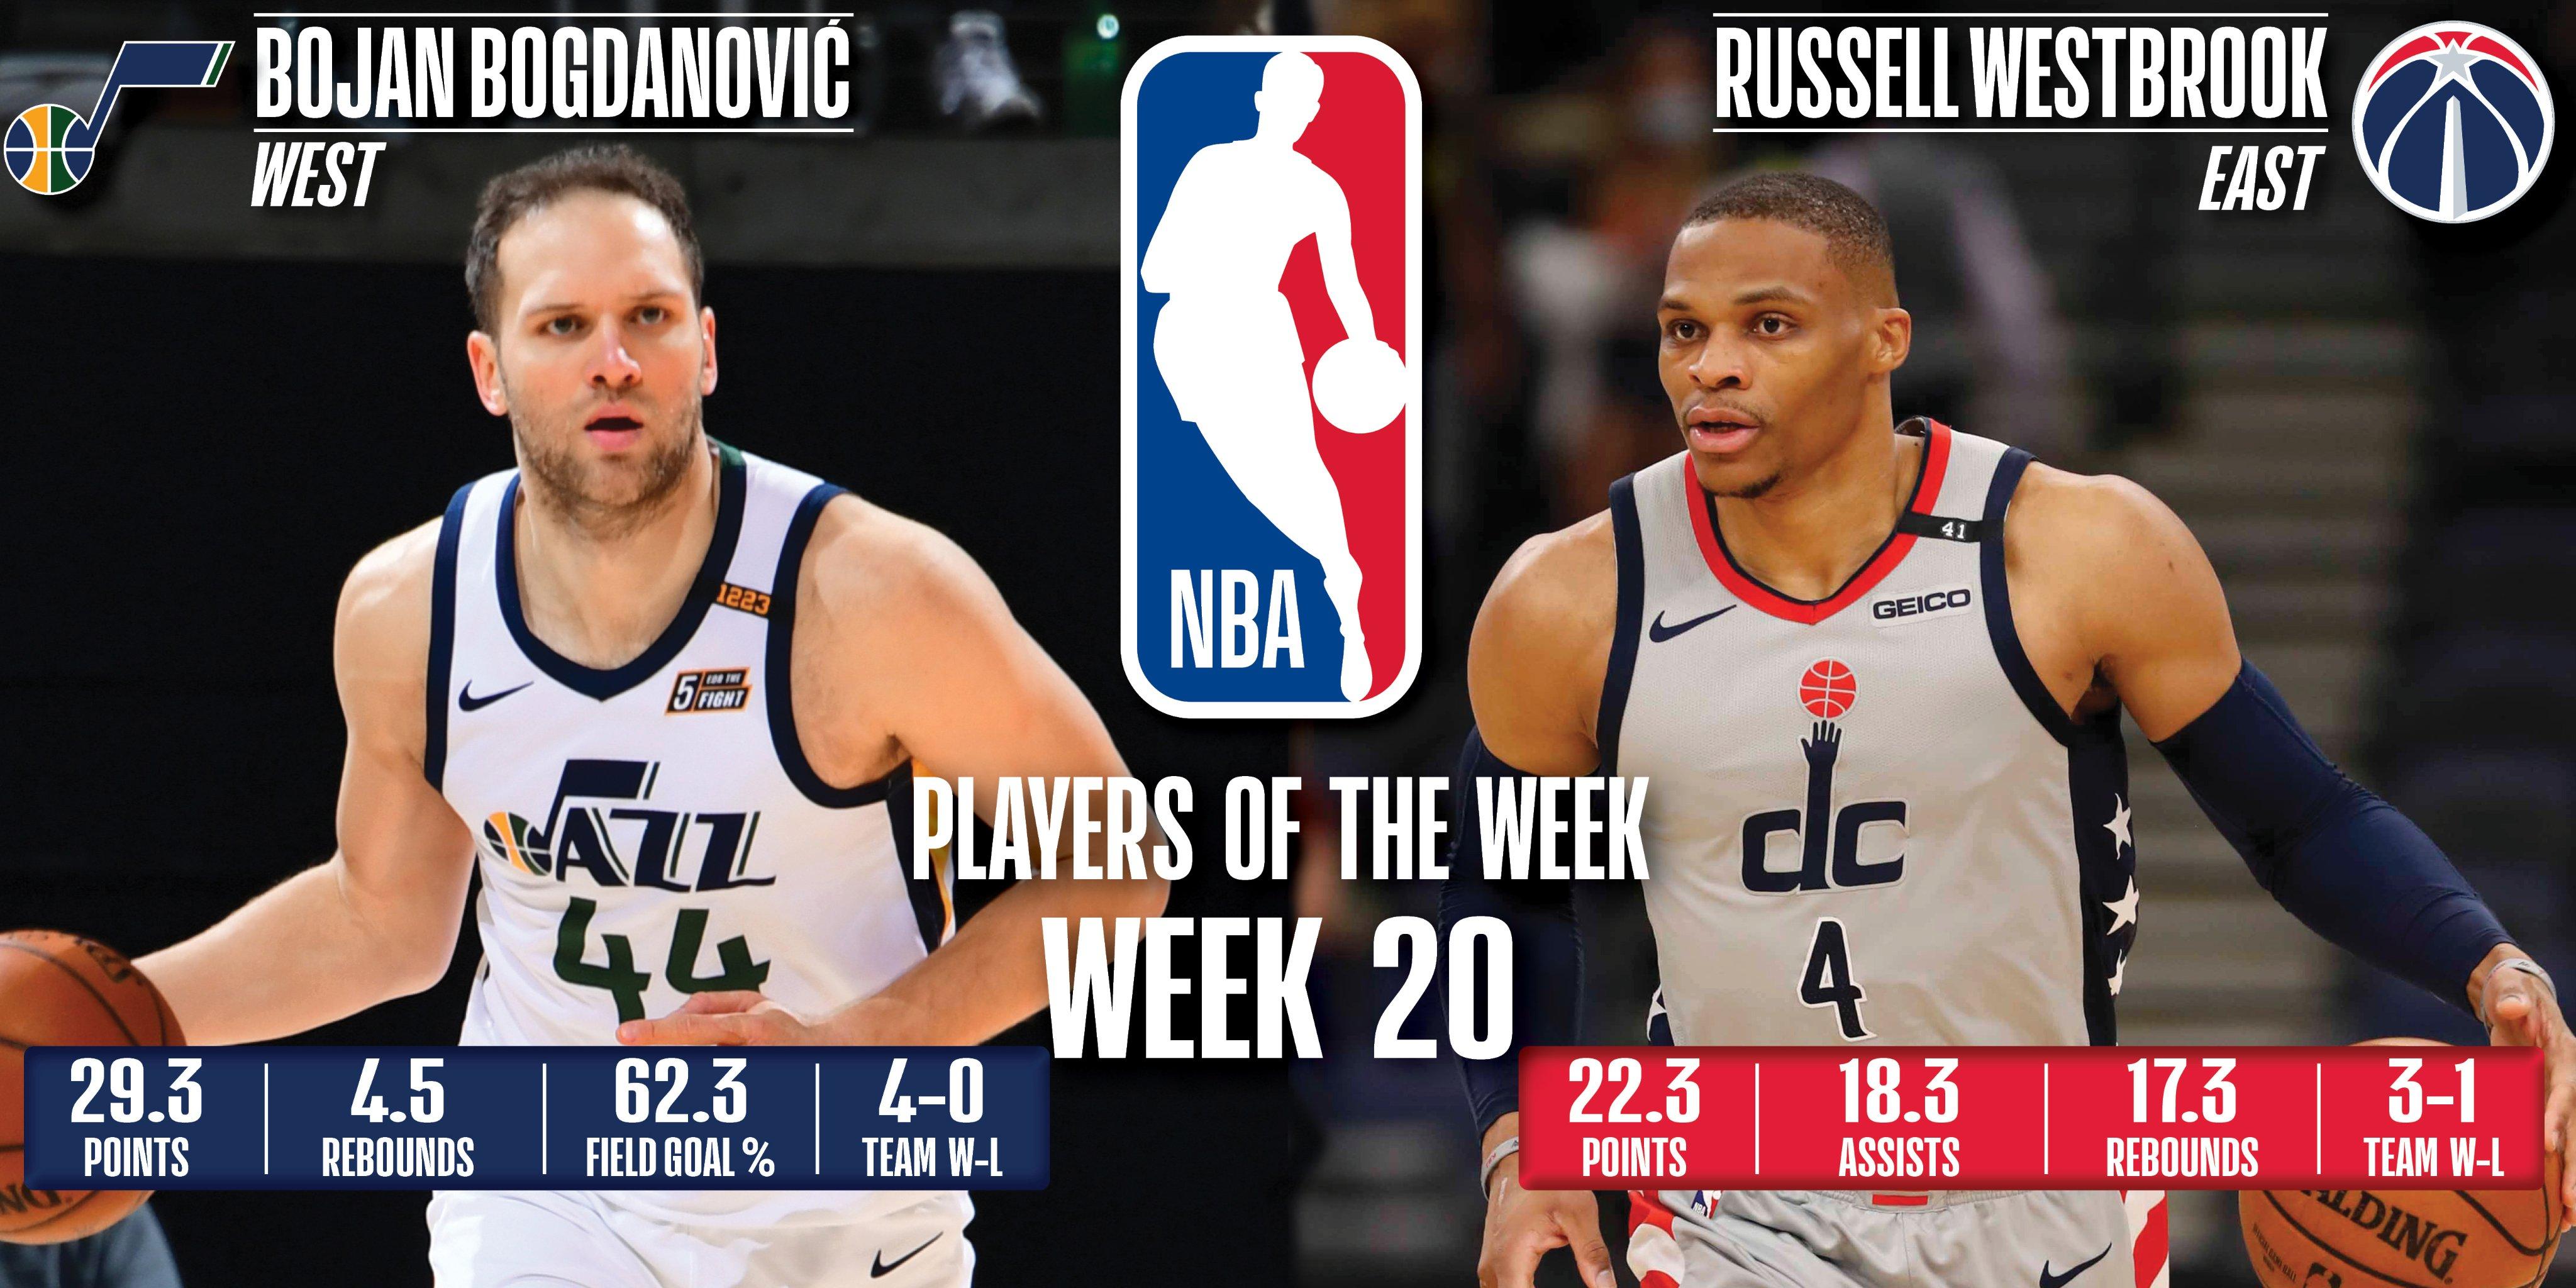 Боян Богданович и Расселл Уэстбрук  лучшие игроки недели в НБА